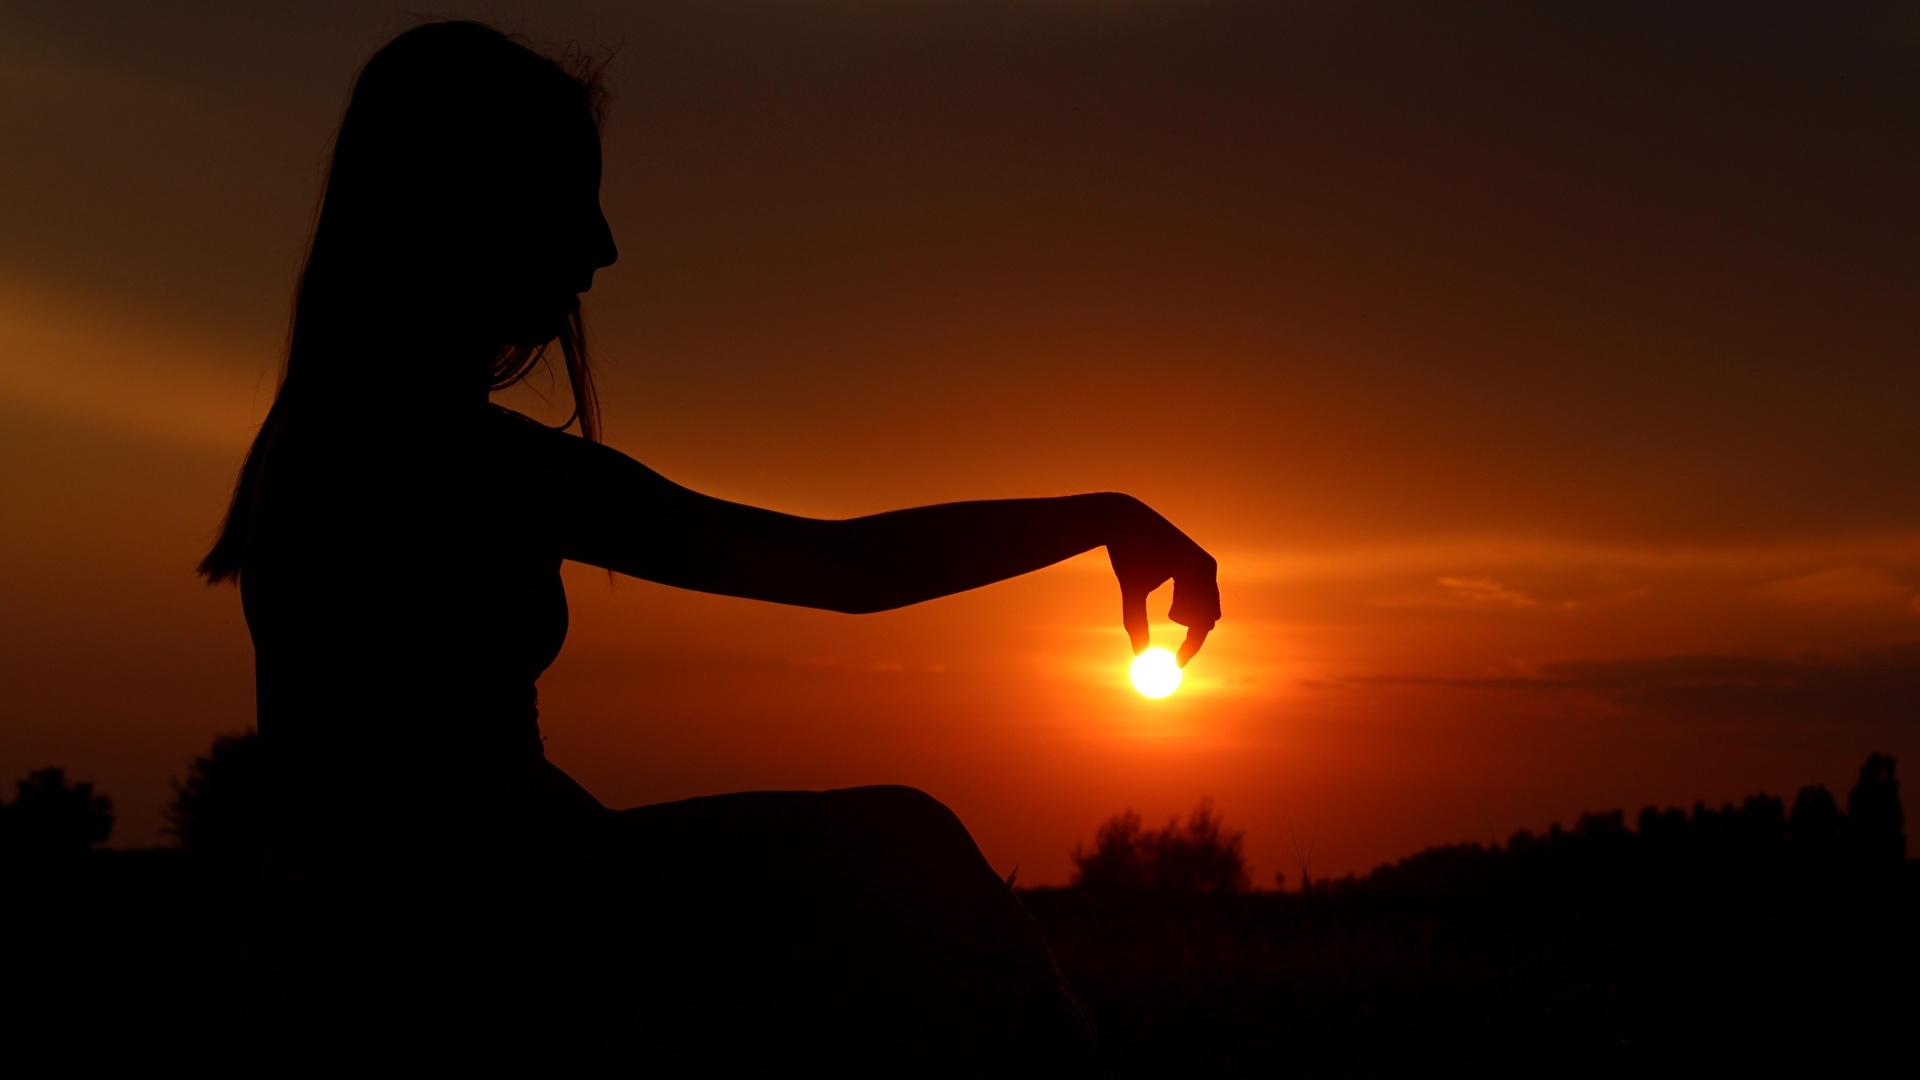 Фотография Силуэт Солнце девушка рассвет и закат Руки сидя Вечер 1920x1080 силуэты силуэта солнца Девушки молодые женщины молодая женщина Рассветы и закаты рука Сидит сидящие